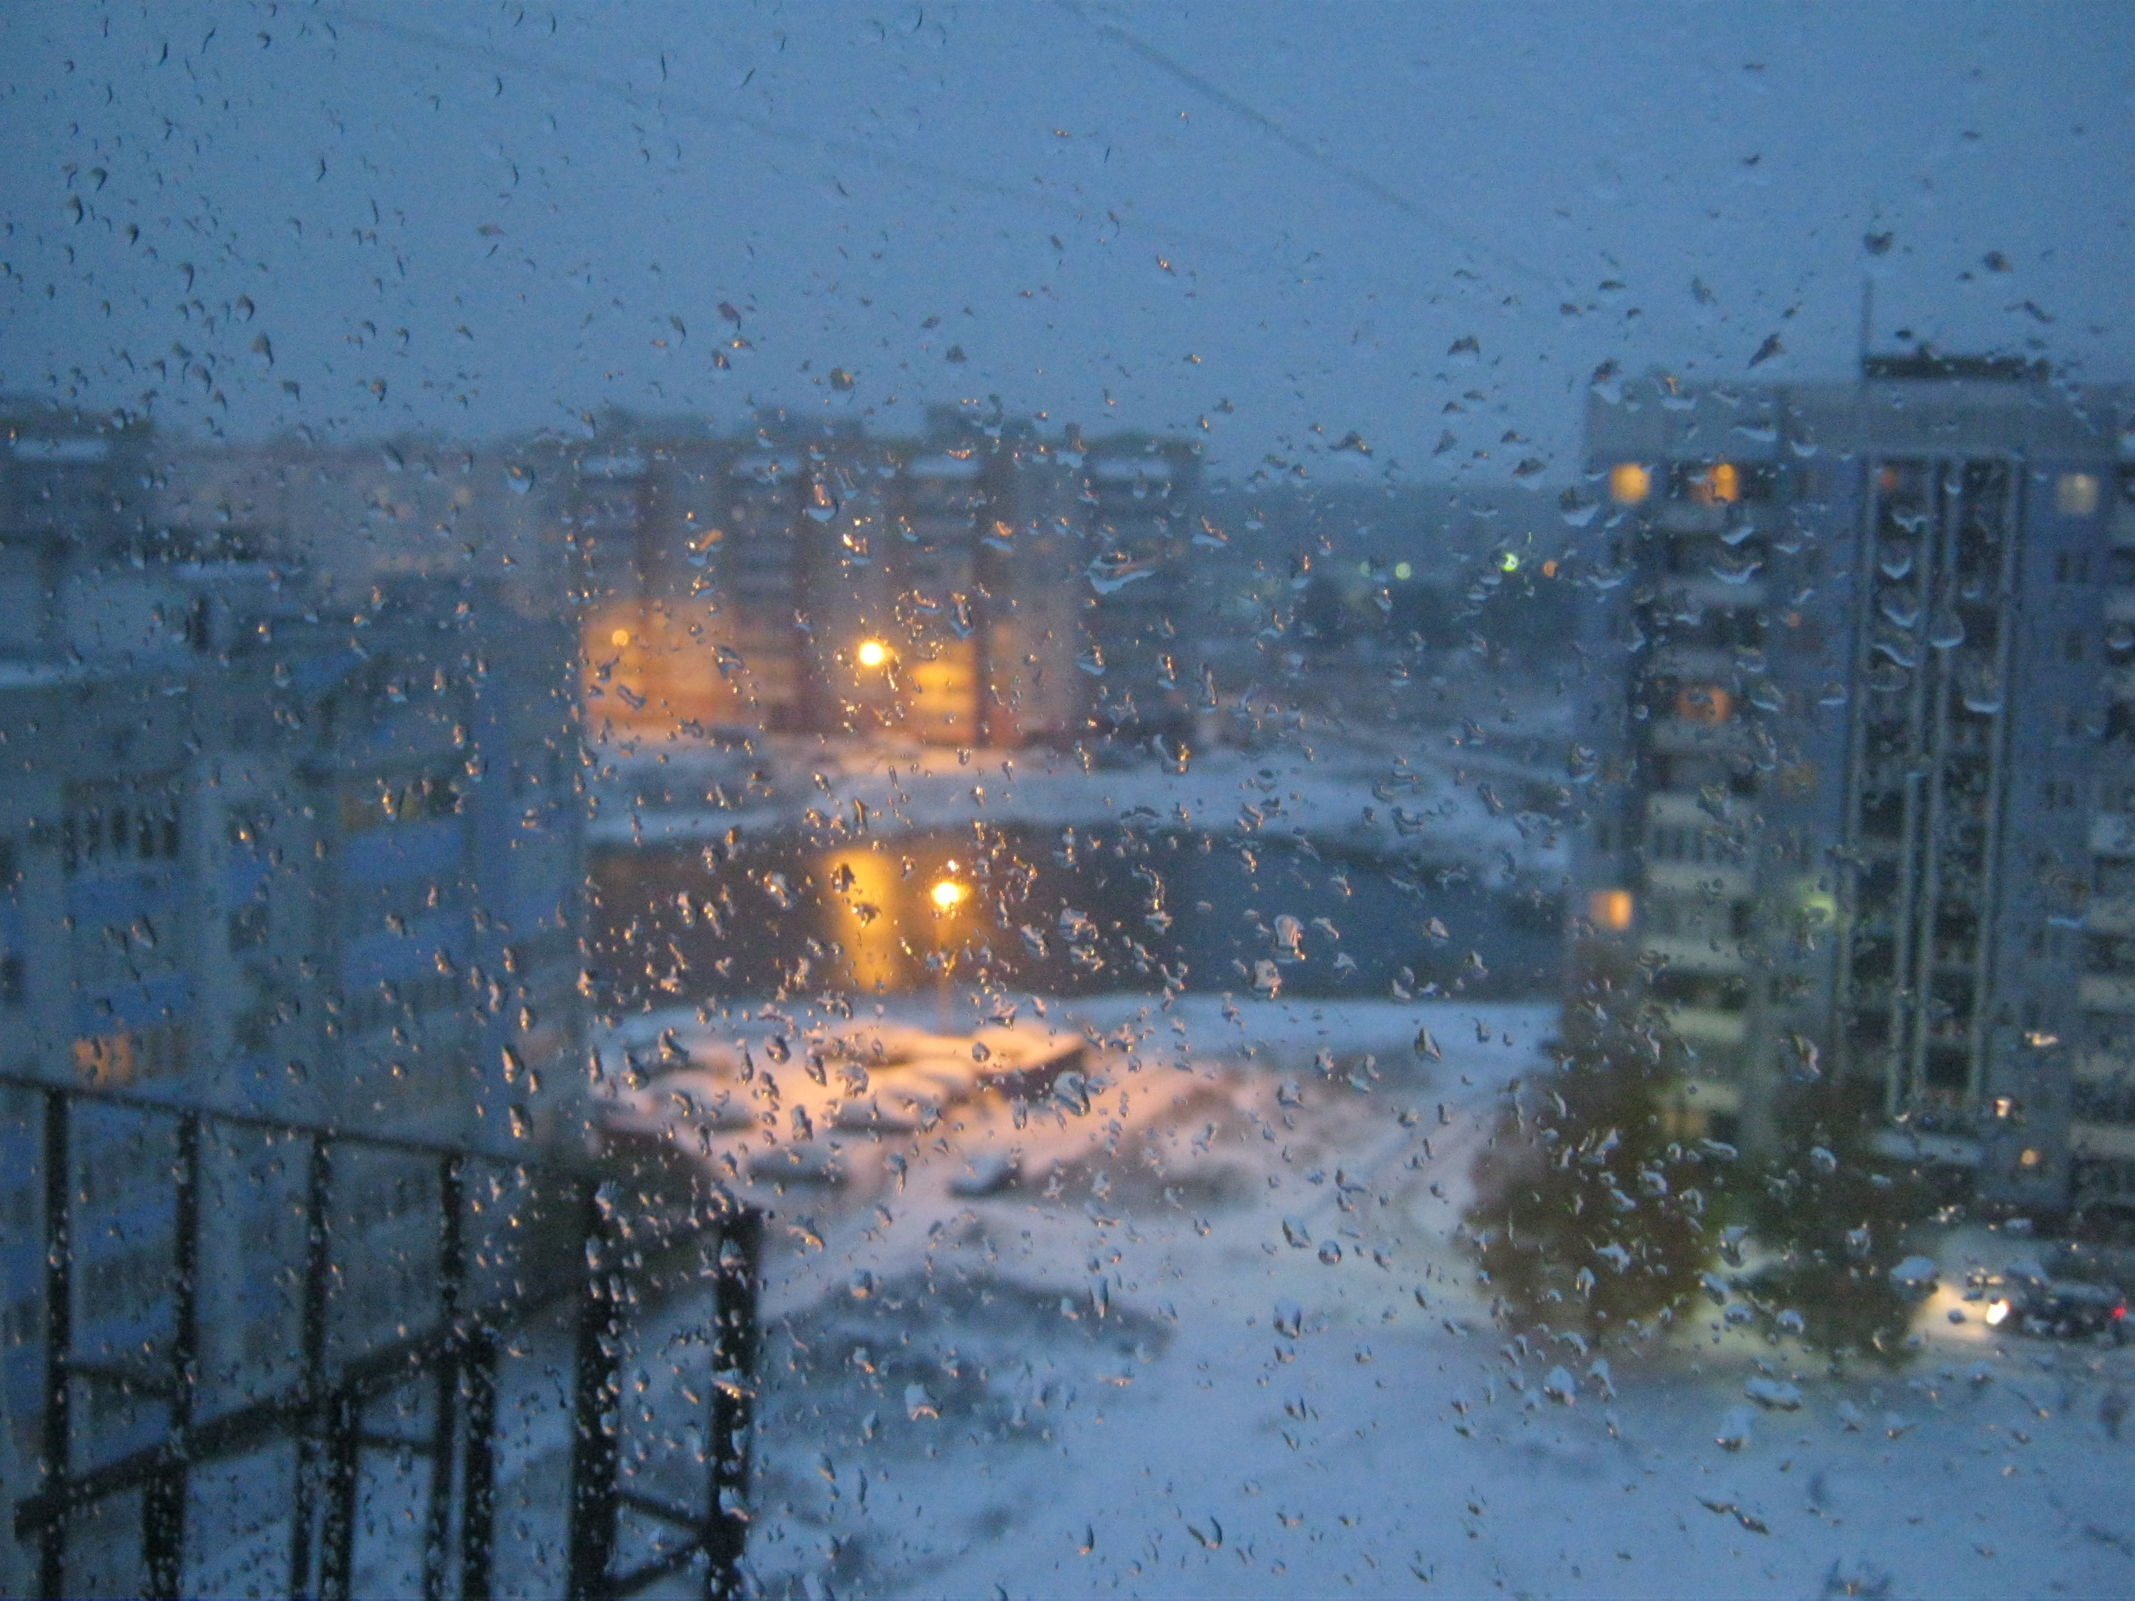 Ветер, снегопад, ледяной дождь, оттепель и мороз: до конца недели ярославцев ждет целый спектр неприятных погодных явлений